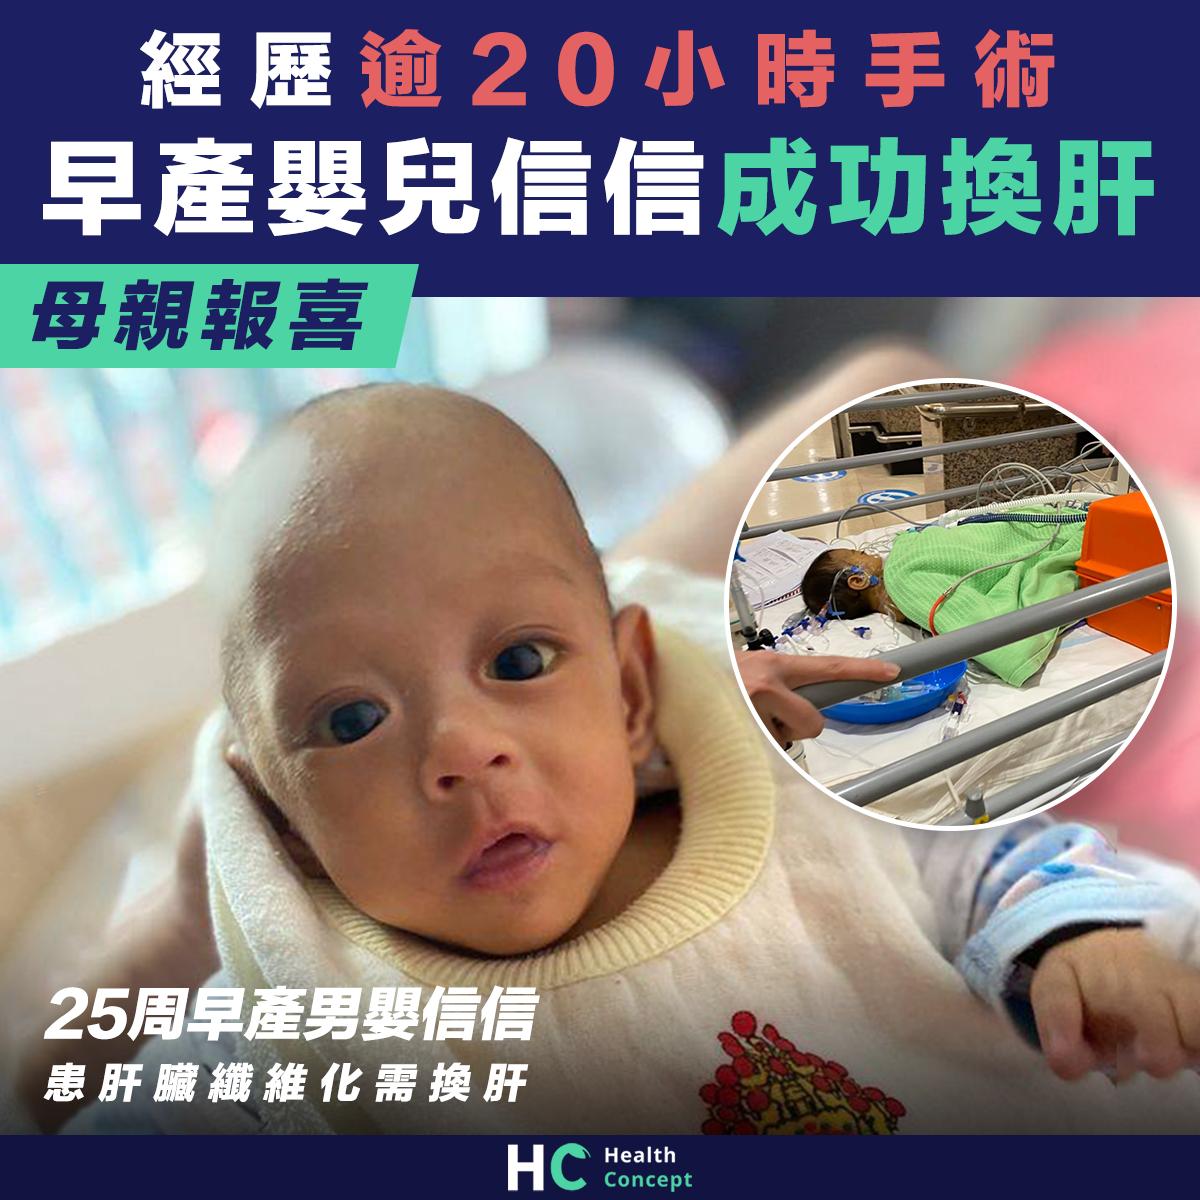 經歷逾20小時手術 早產嬰兒信信成功換肝